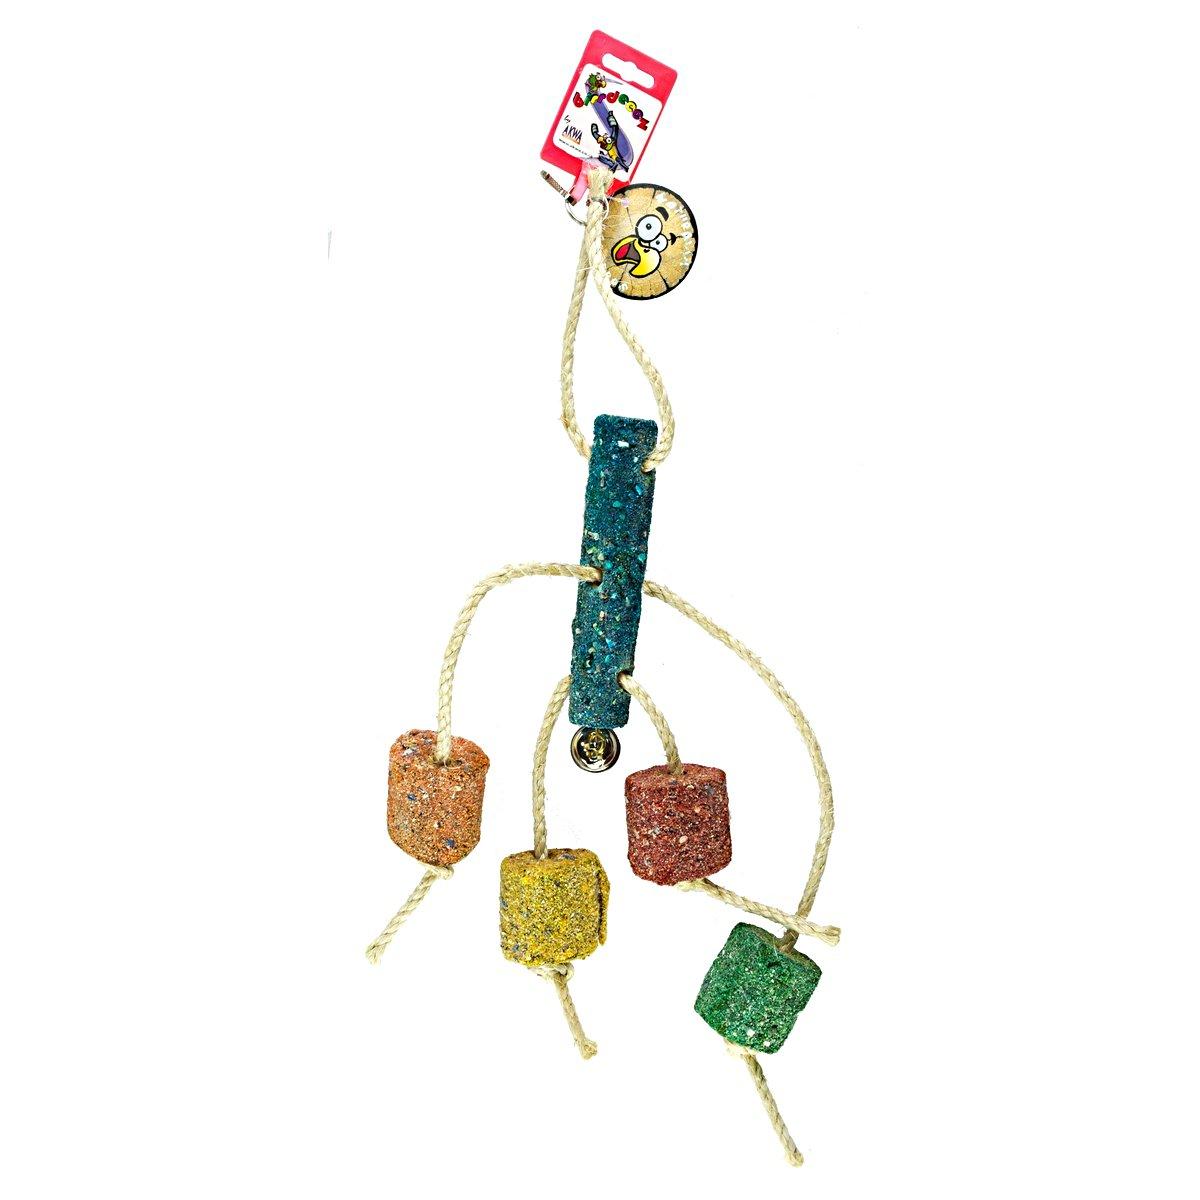 Afbeelding van Birrdeeez Coral Ball & Sisal Cluster Parrot Toy